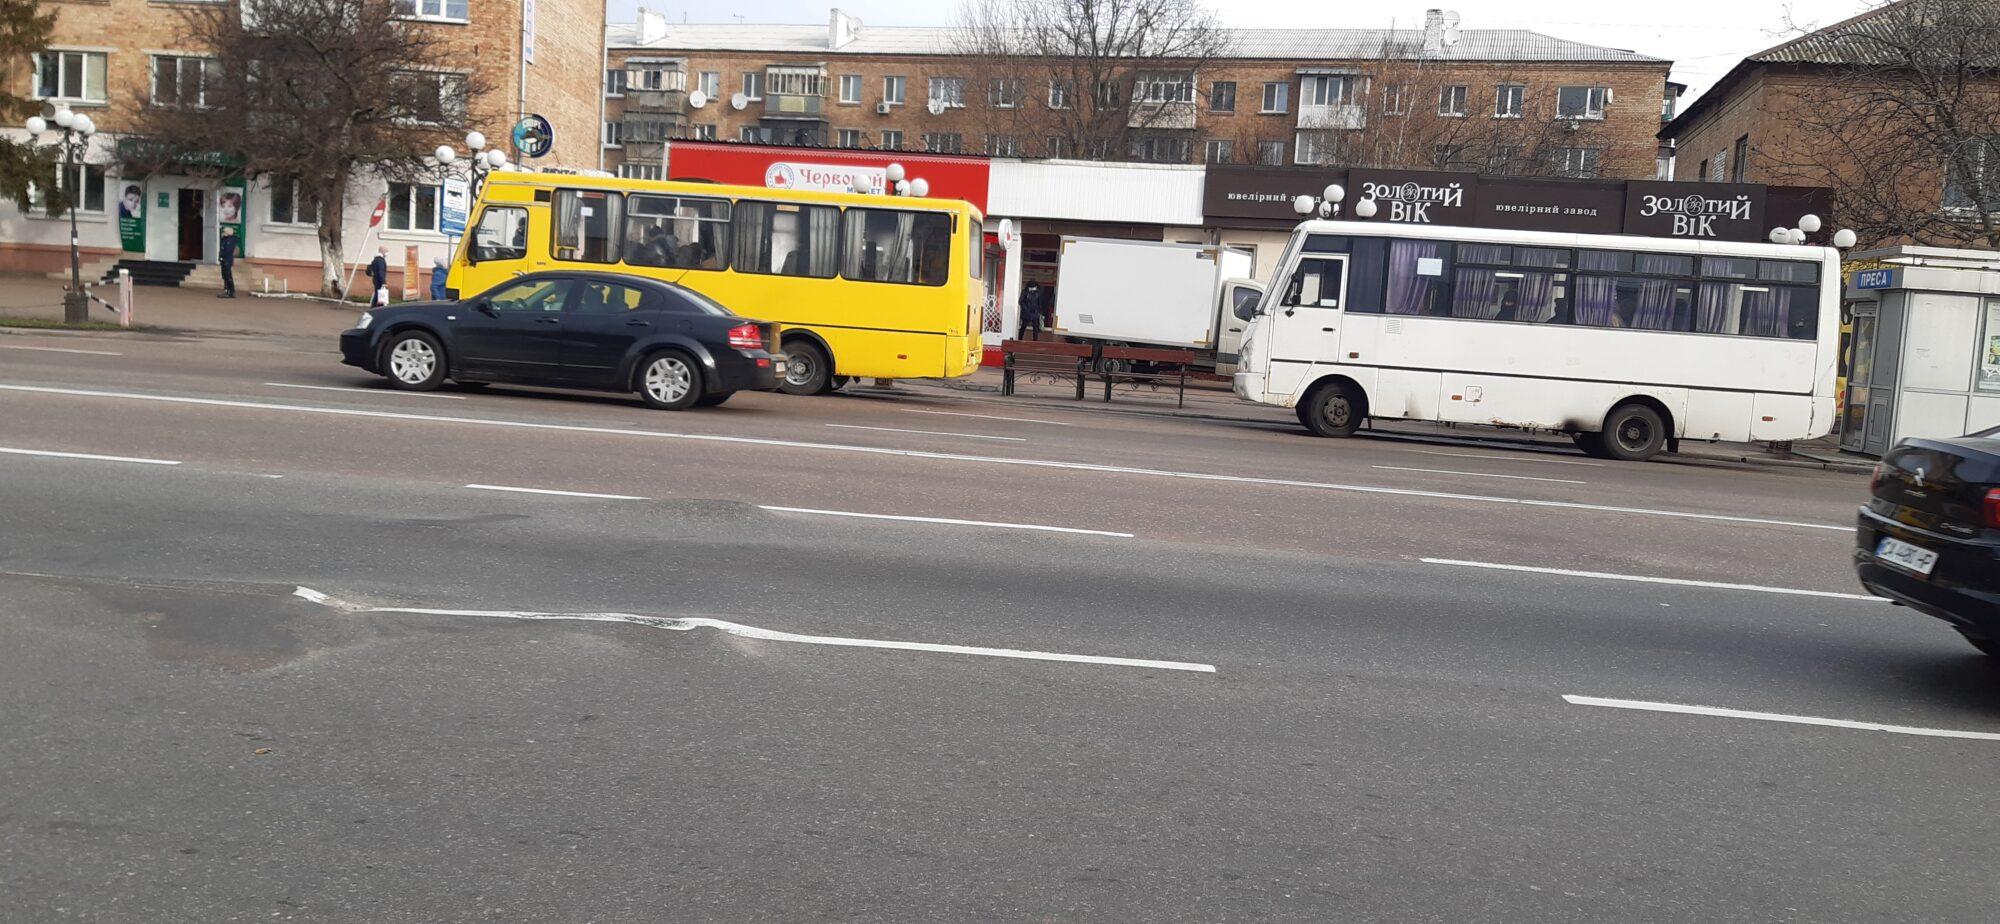 На дорогах Борисполя запрацювала система відеонагляду - - 20201130 111702 2000x924